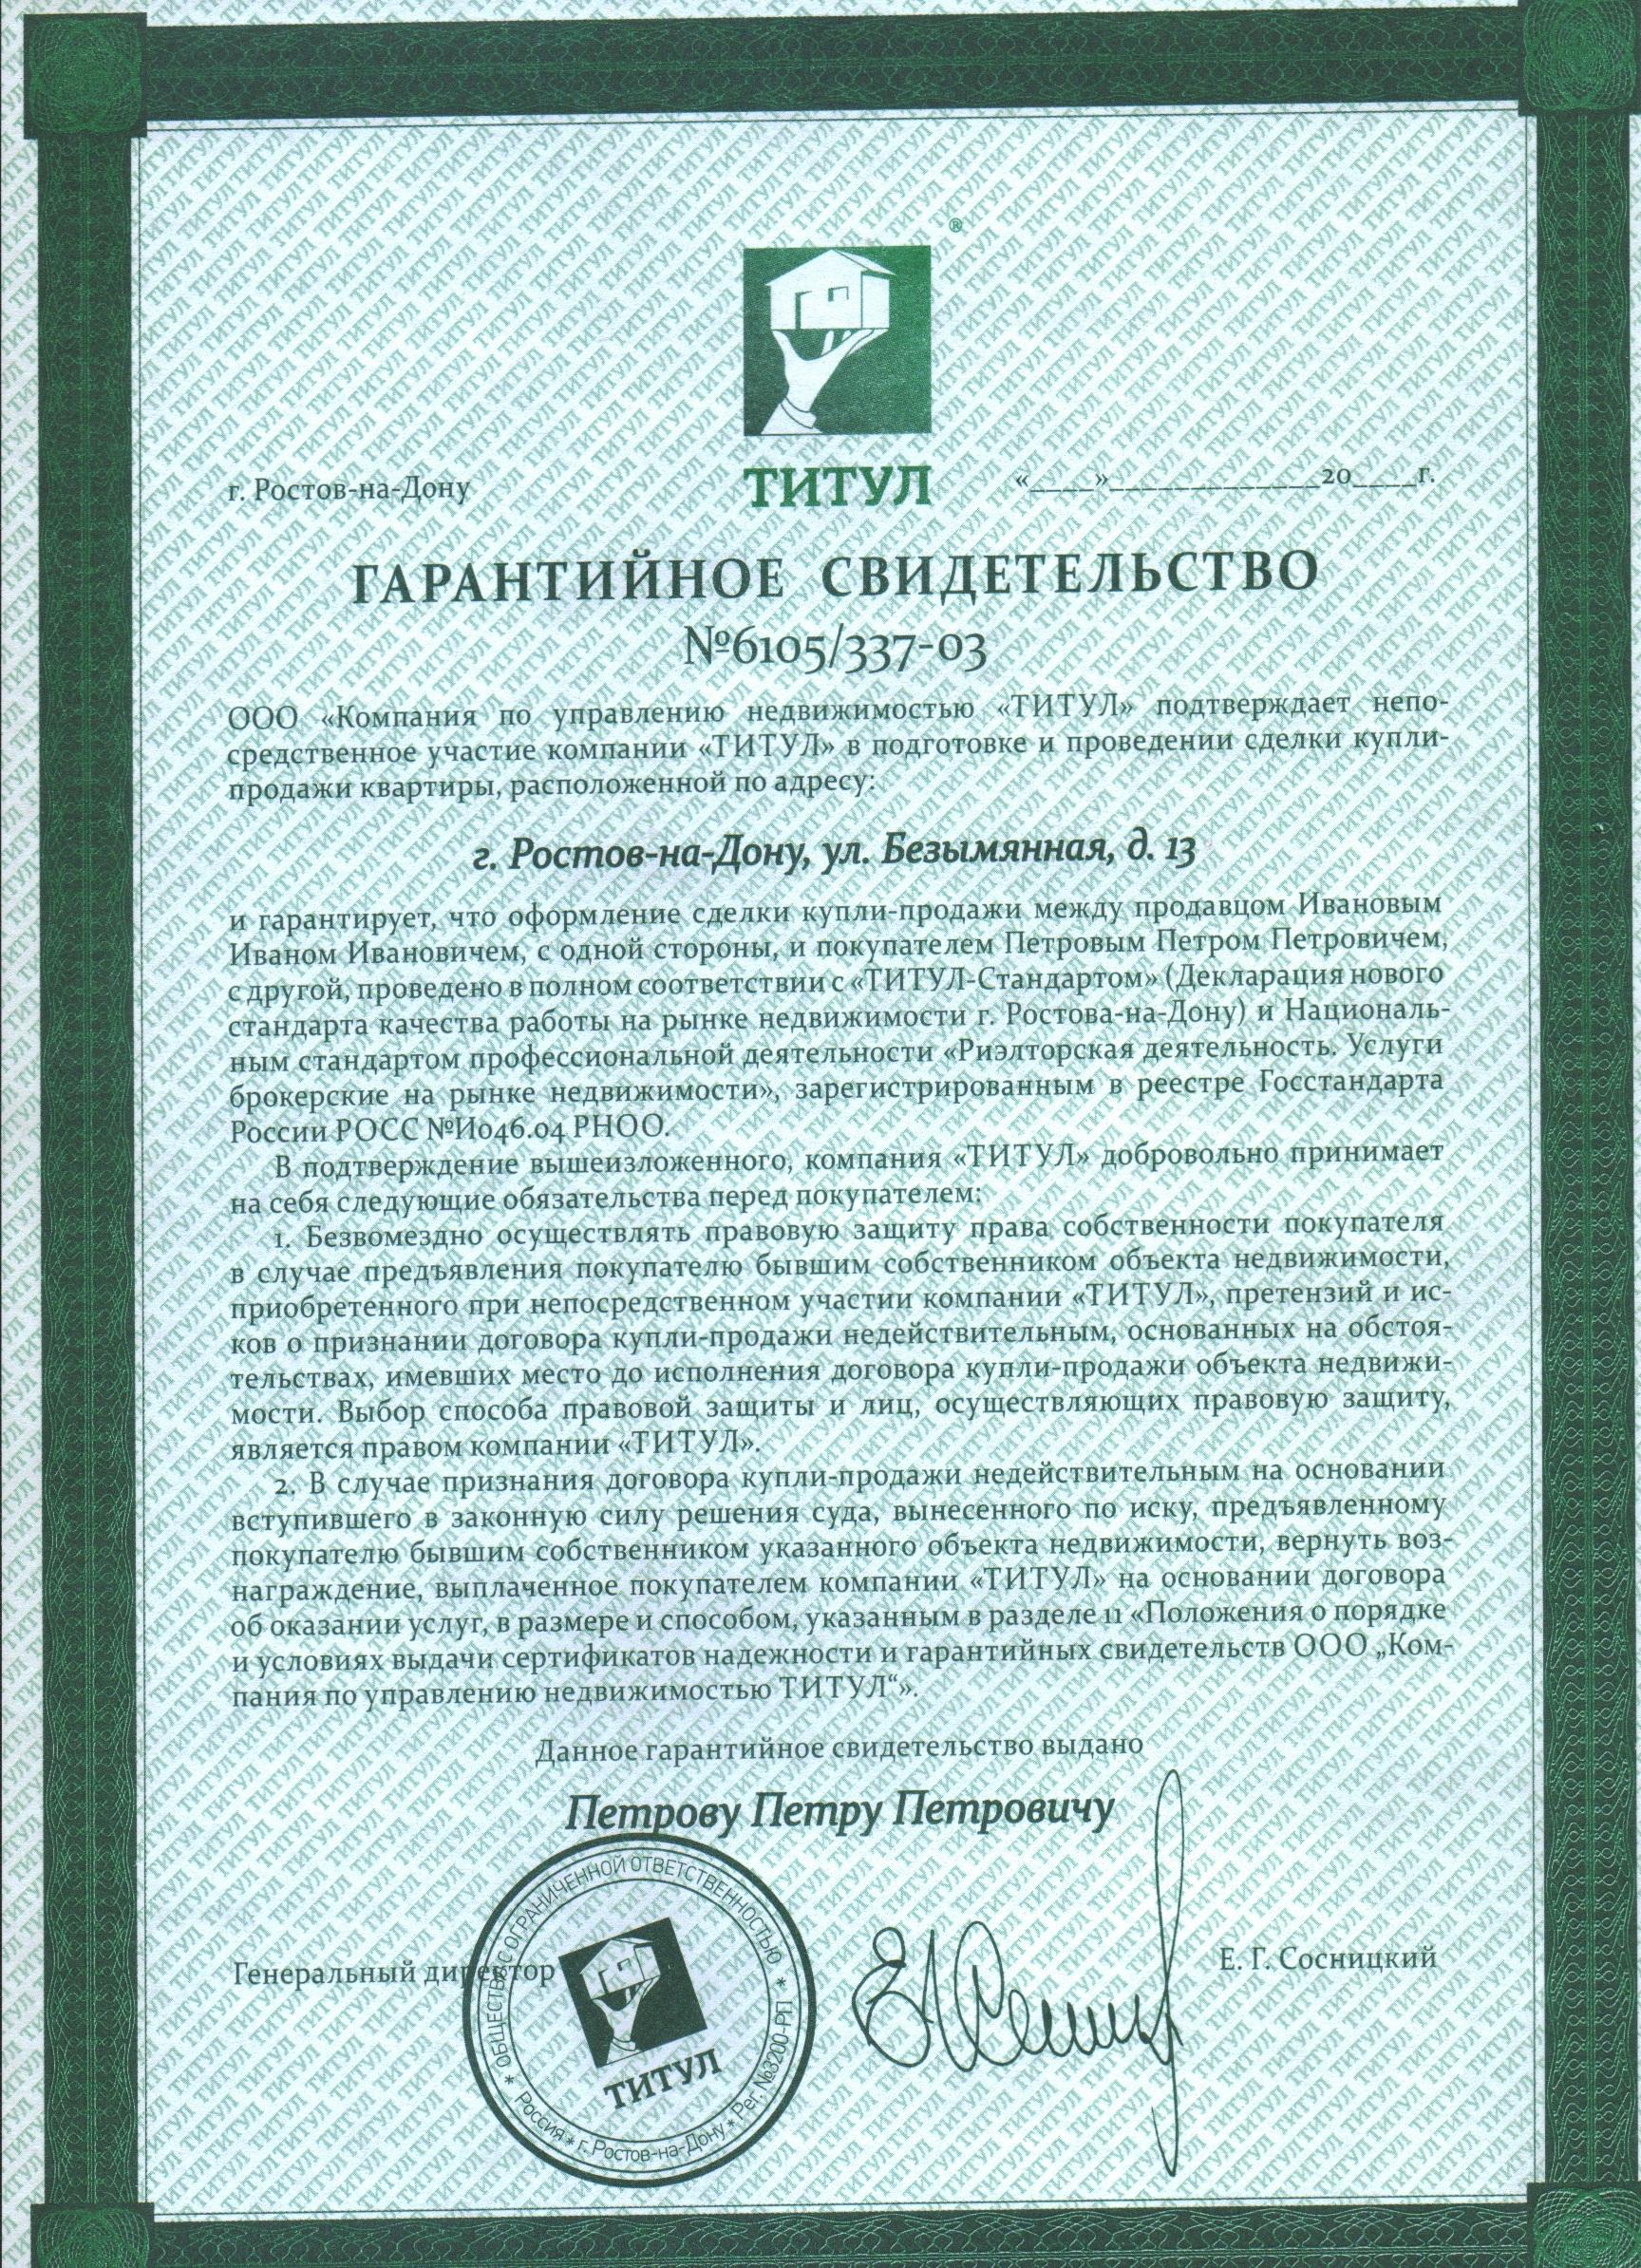 Ростовская область, Ростов-на-Дону, Таганрогская 6